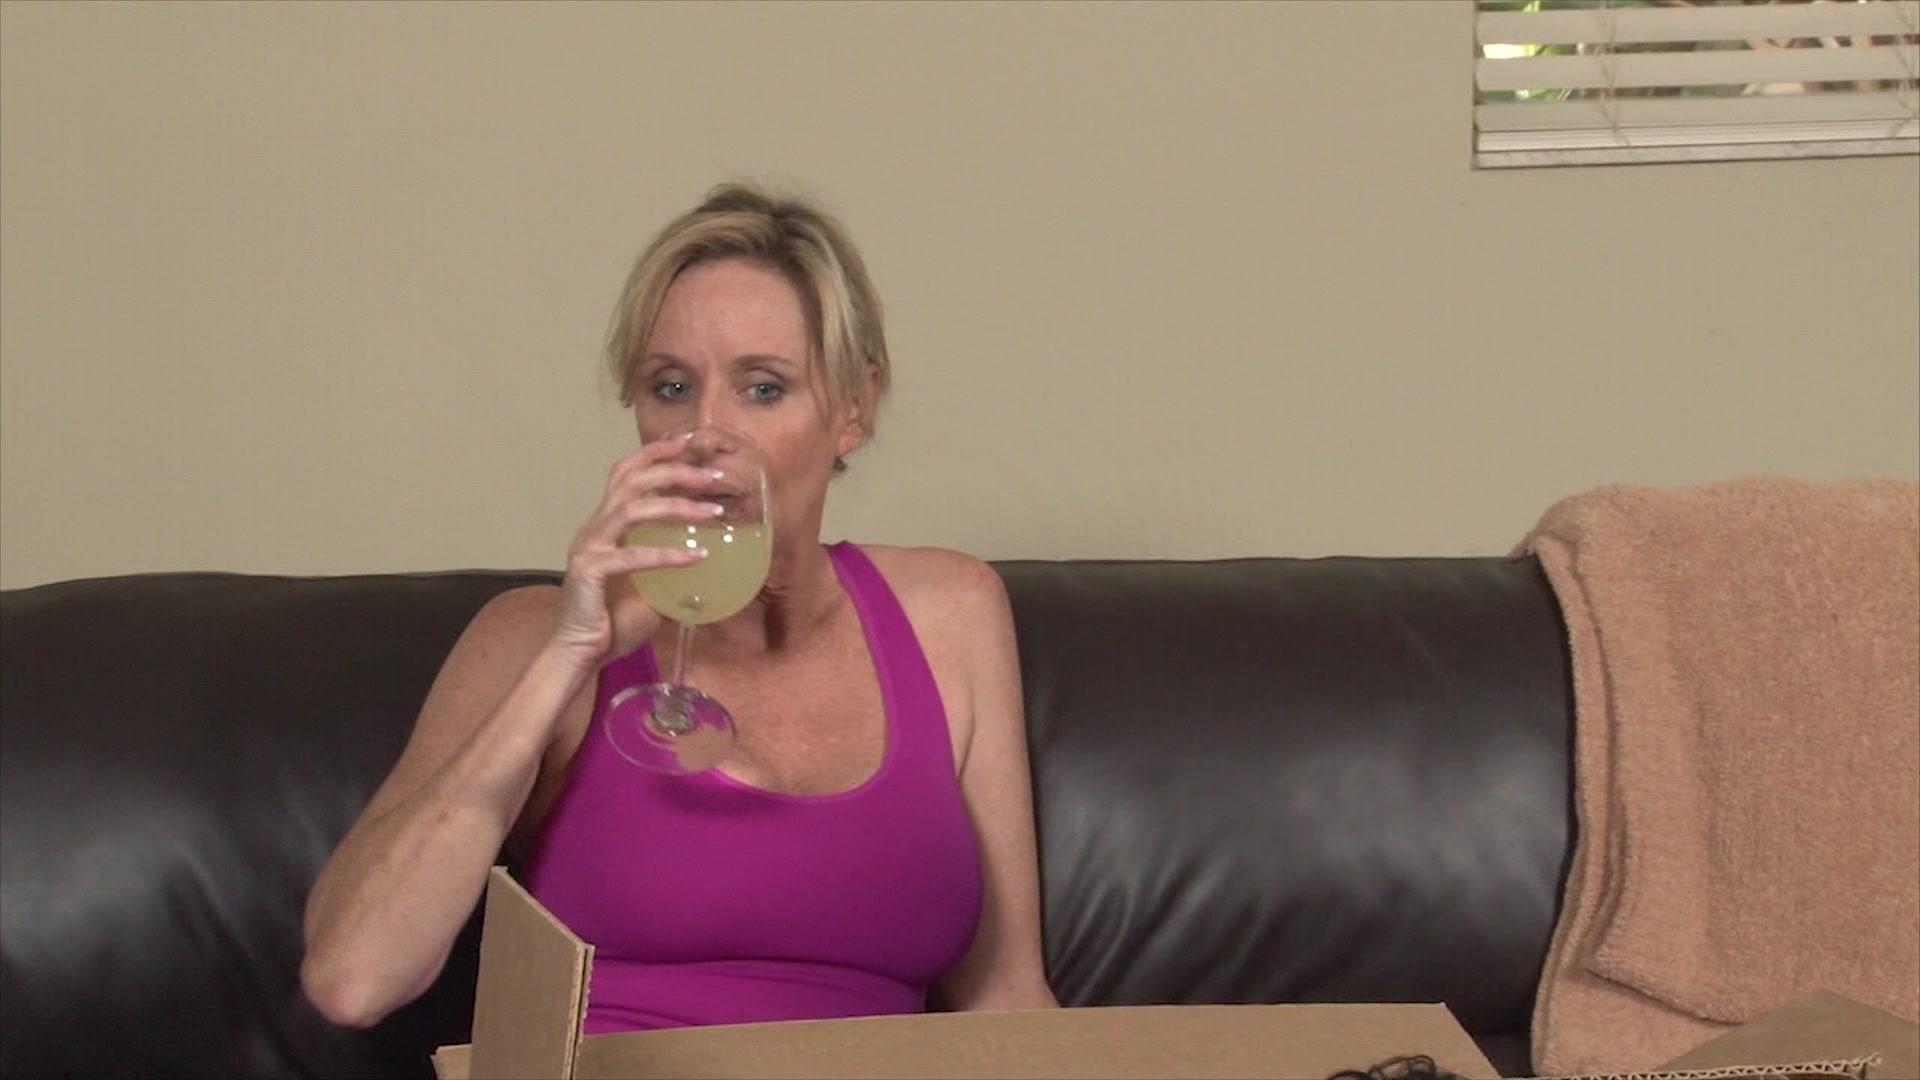 Jennifer esposito sex scenes nudes